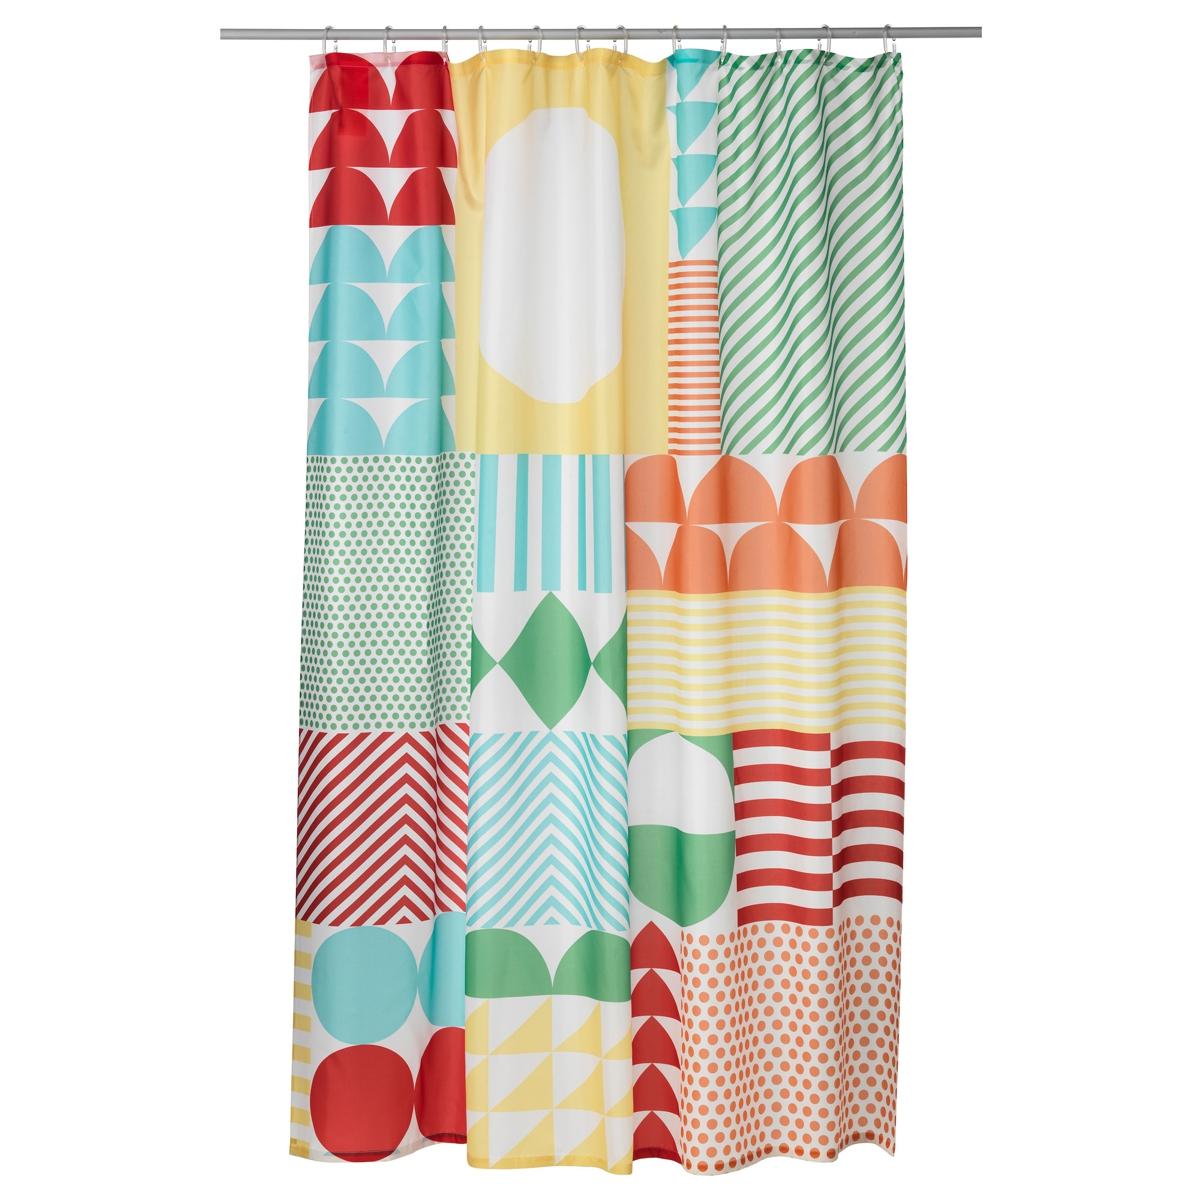 cortinas de baño ikea - Modelo Mimmern